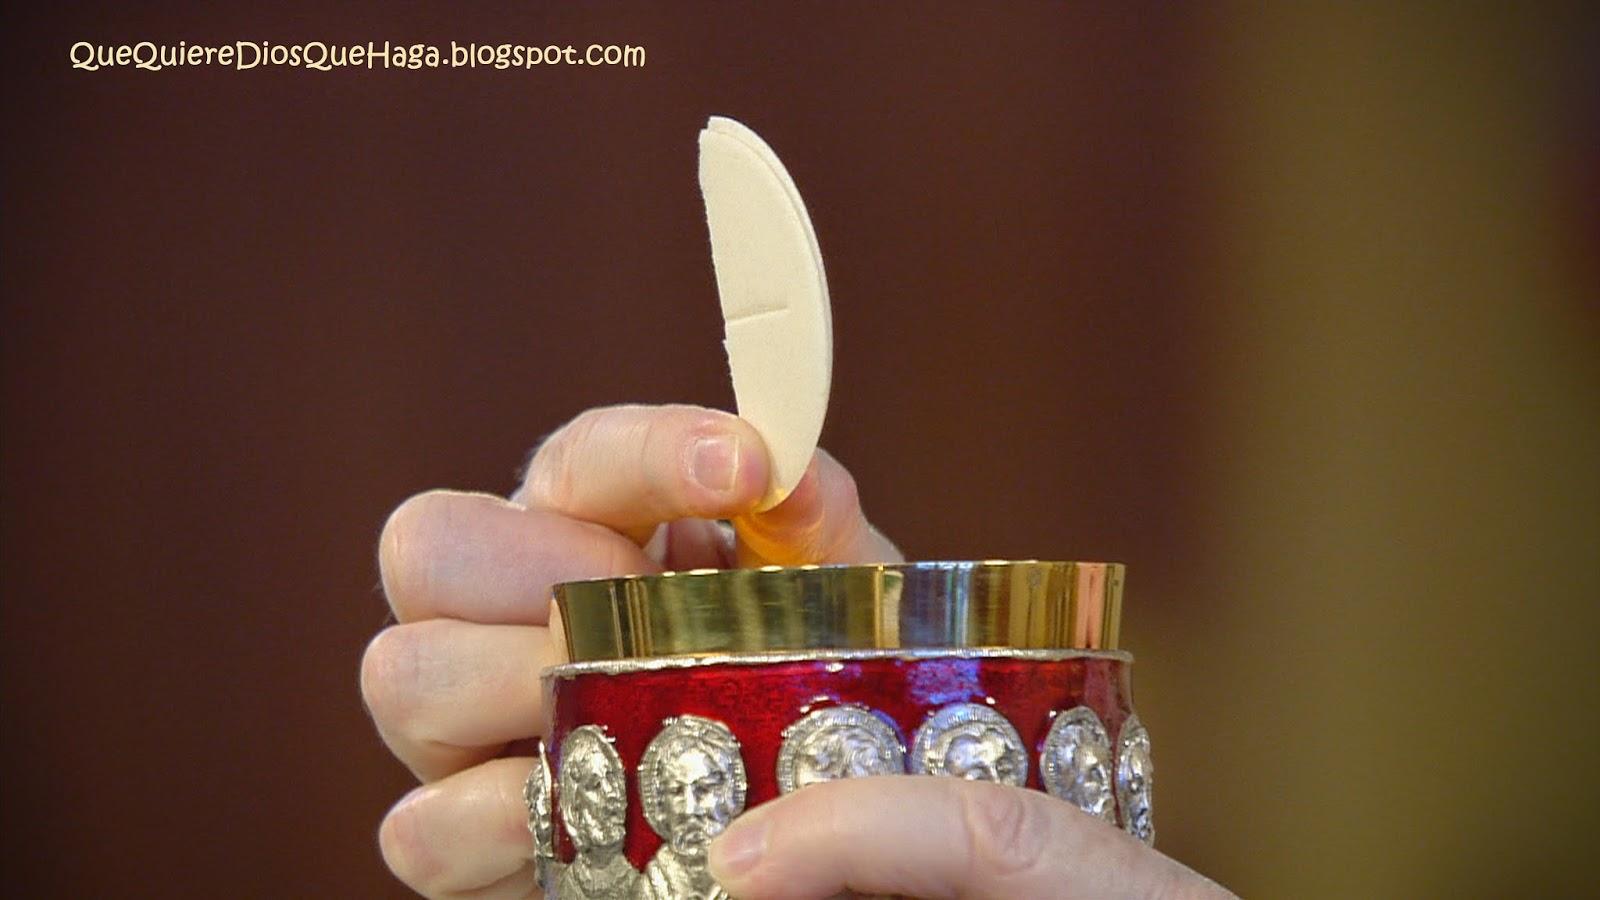 MISA DE HOY DOMINGO 27 DE ABRIL DE 2014 - Segundo Domingo de Pascua o Domingo de la Divina Misericordia HOLY MASS